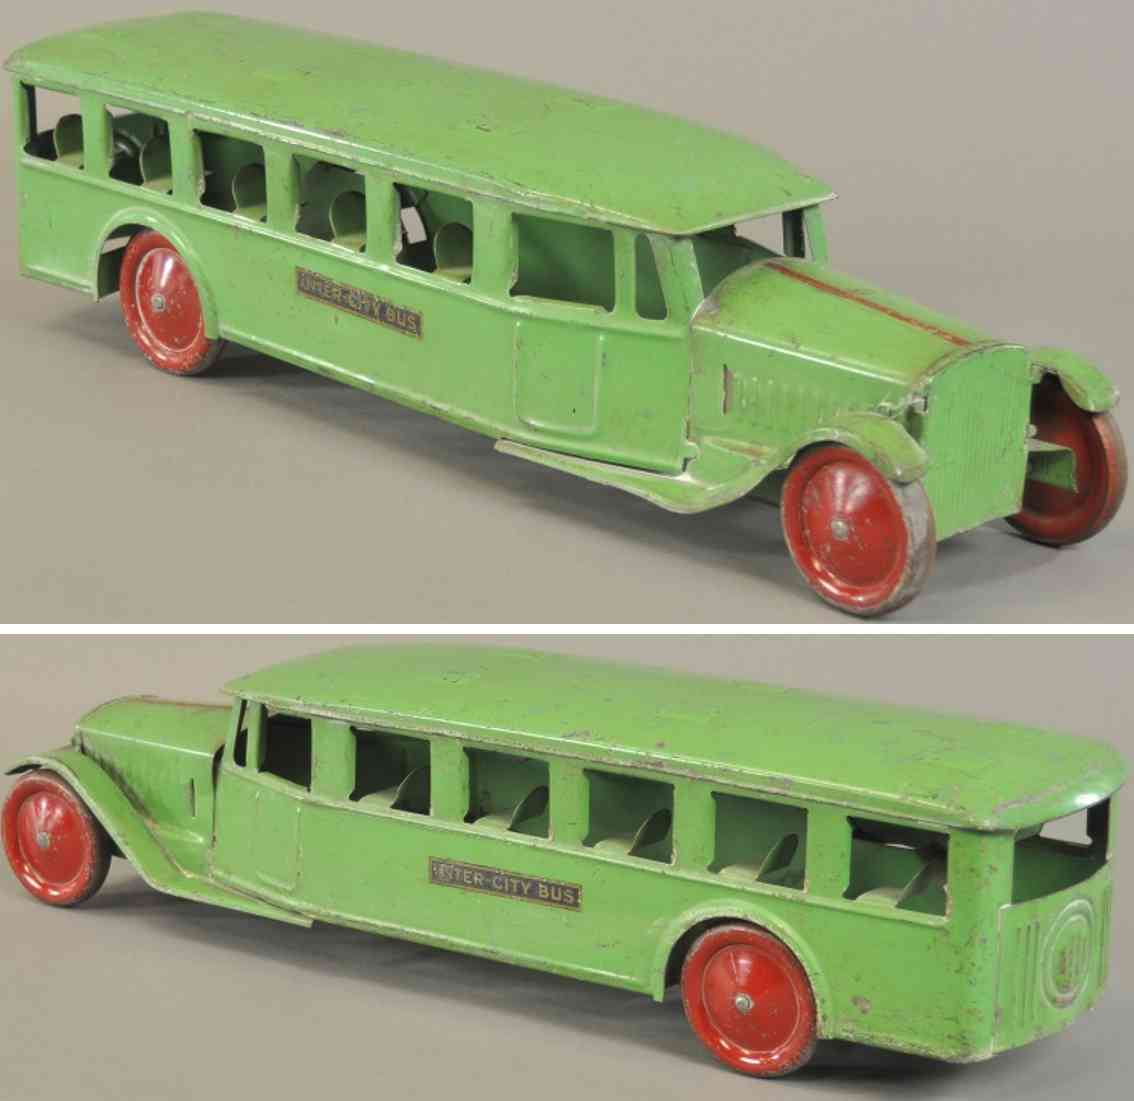 steelcraft stahlblech spielzeug autobus inter-city bus gruen